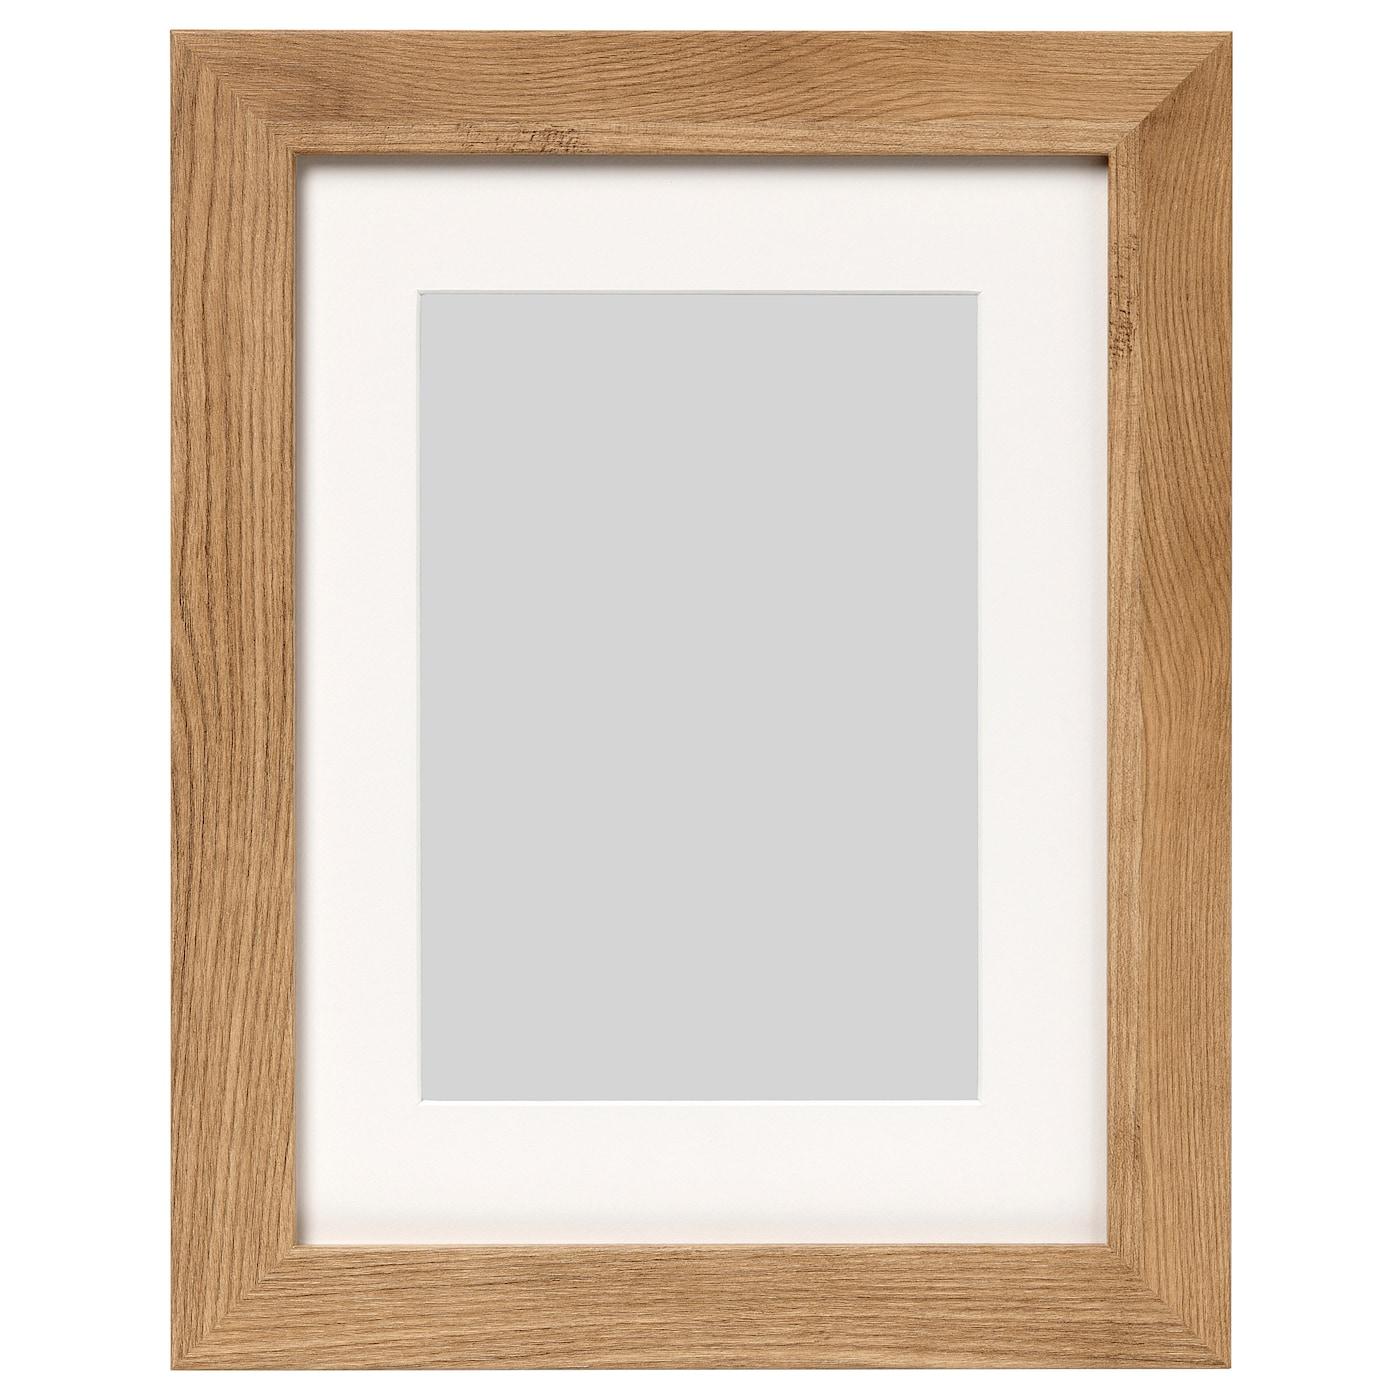 dalsk rr cadre effet bois brun clair 30 x 40 cm ikea. Black Bedroom Furniture Sets. Home Design Ideas